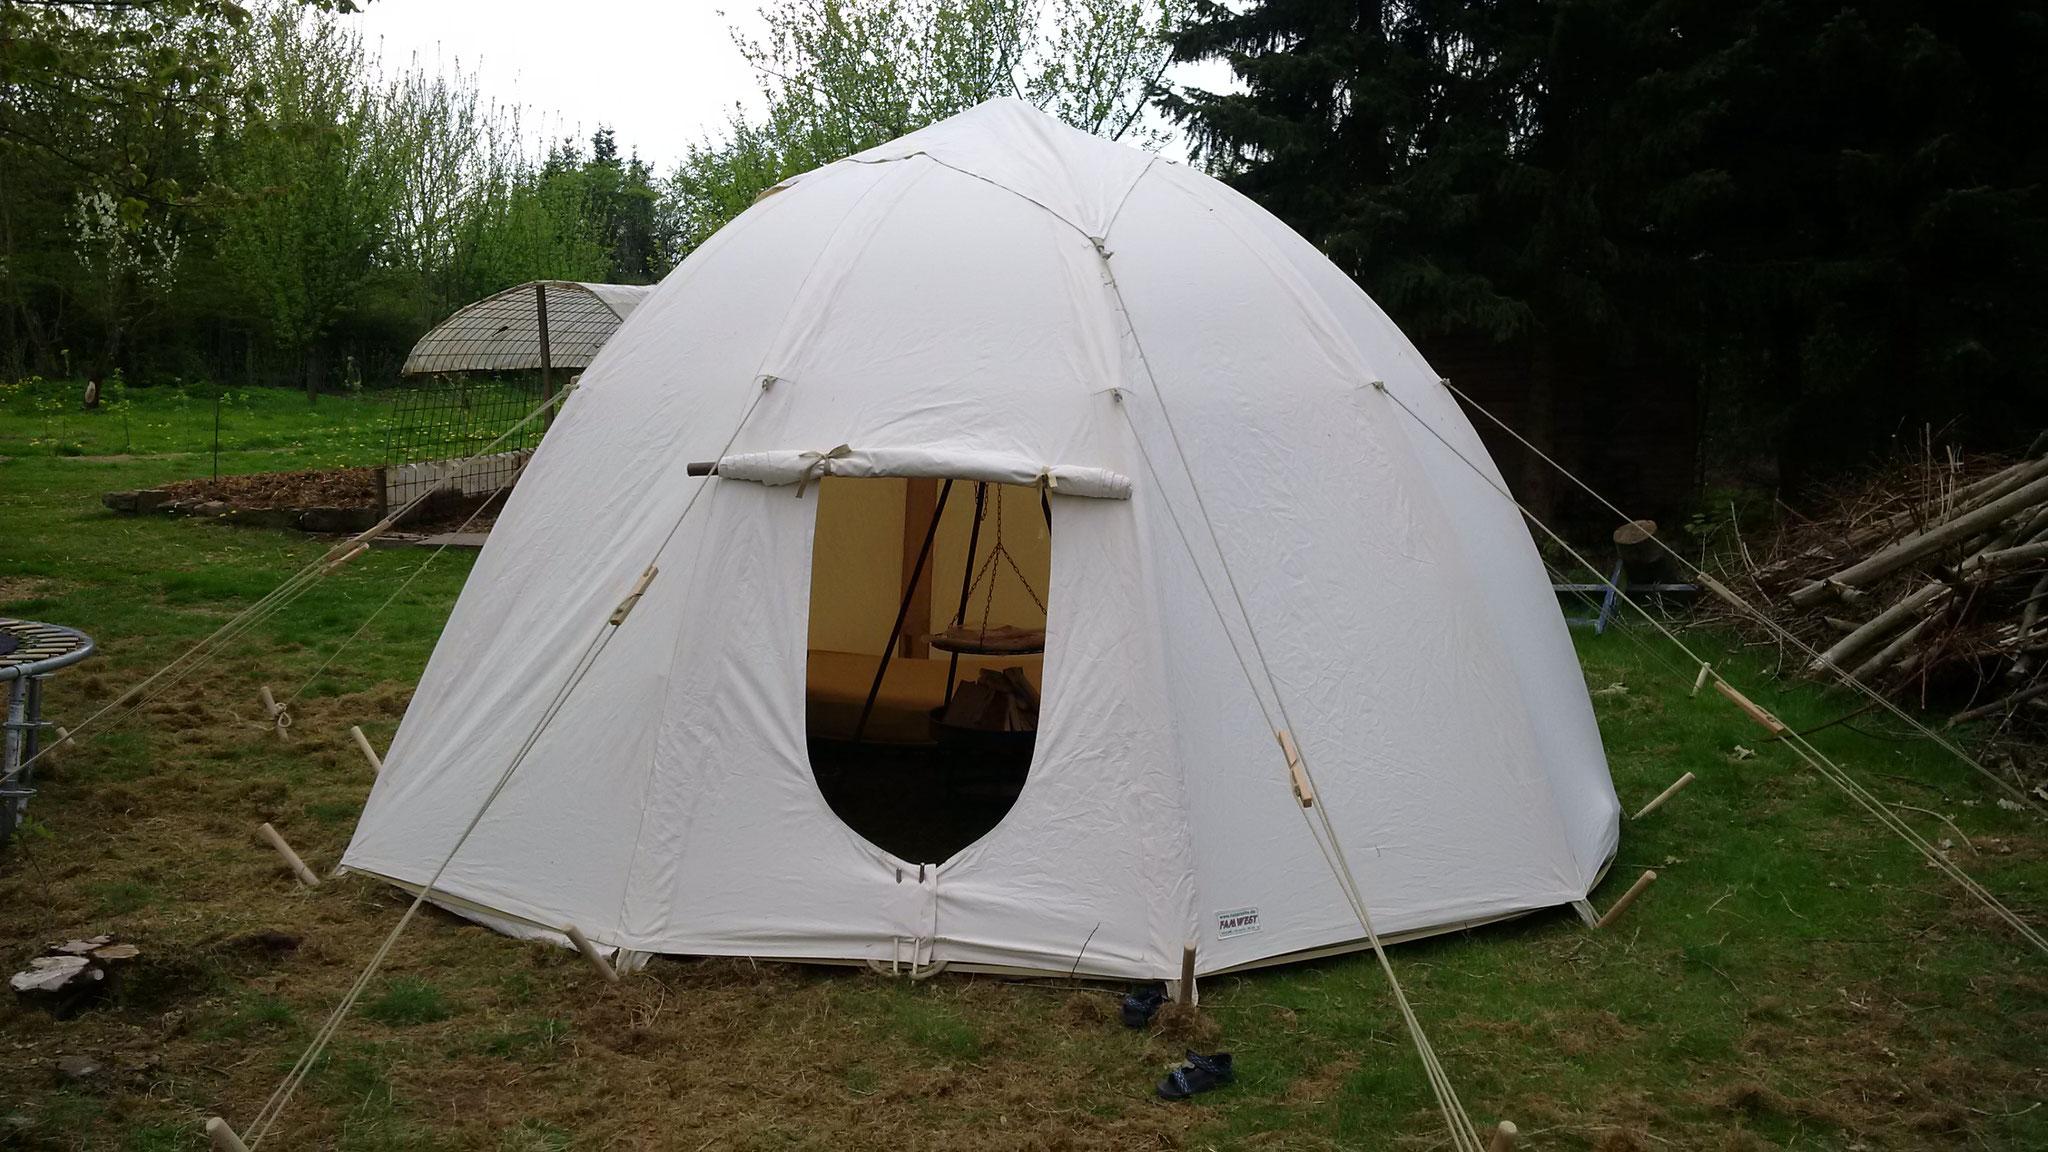 Unser neues Zelt. Ein Wigwam.